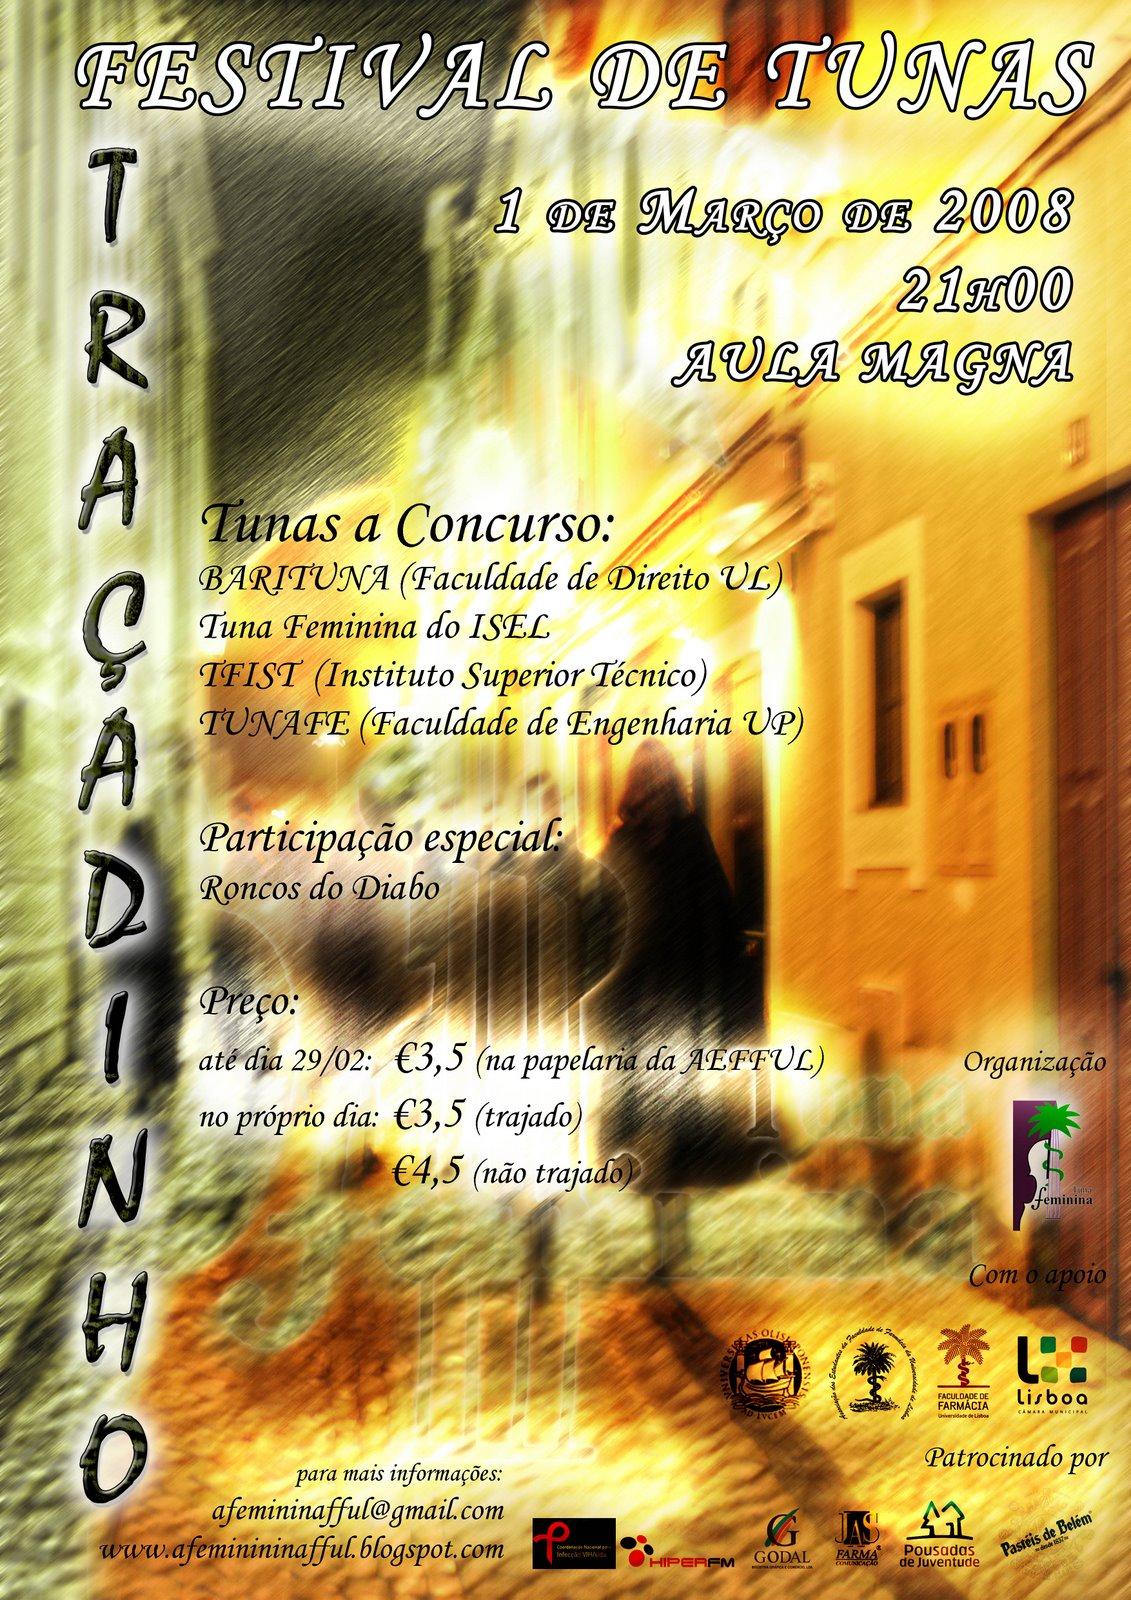 http://4.bp.blogspot.com/_uAGnCmO87hA/R683puHsZ9I/AAAAAAAAAJM/kQuuXI1N-Mg/s1600/feminina+3+iluminado+copy